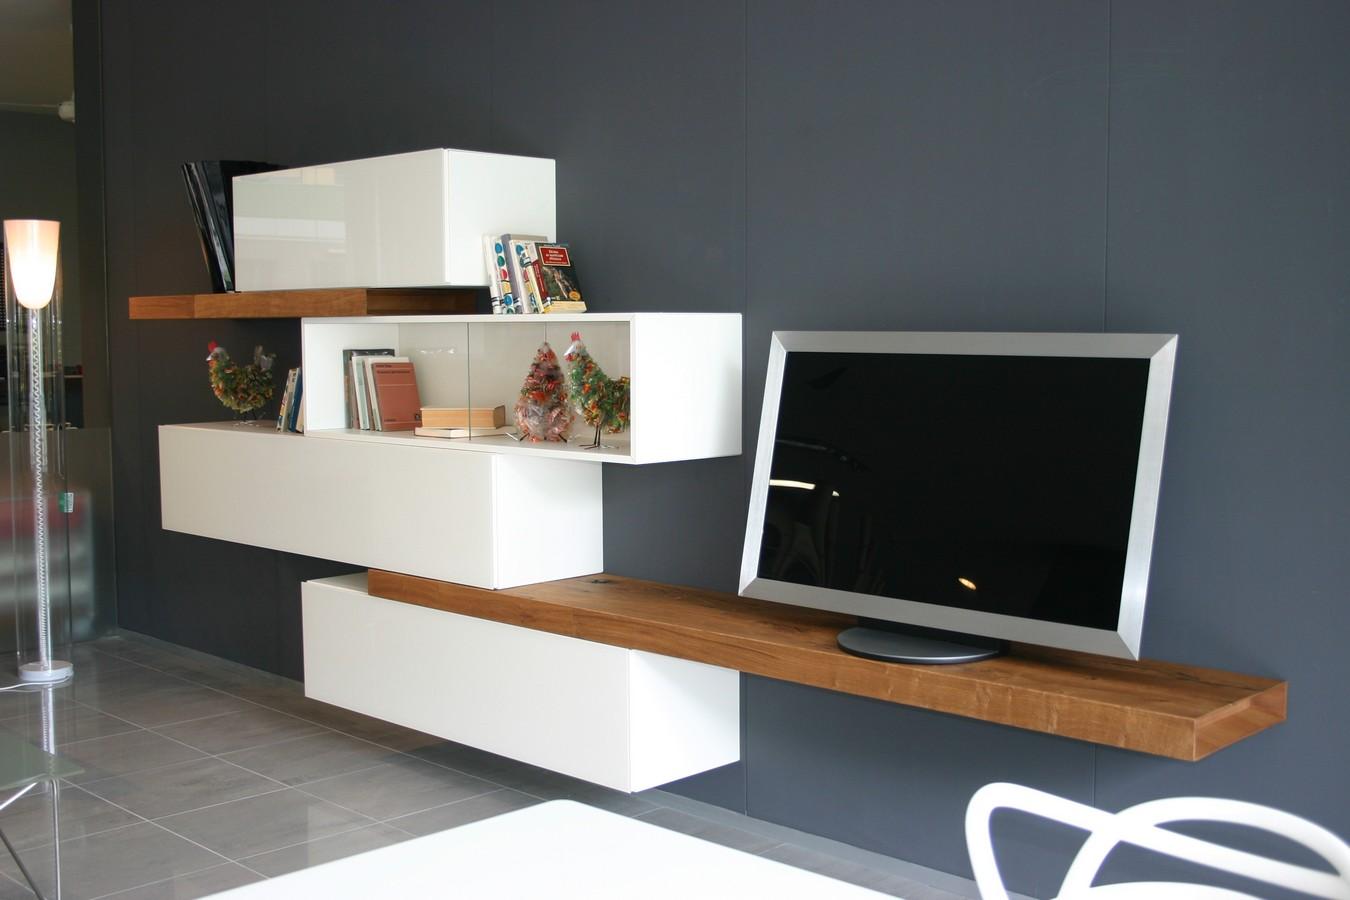 Soggiorni e salotti moderni arredo per la tua casa for Mobili angolari moderni per soggiorno